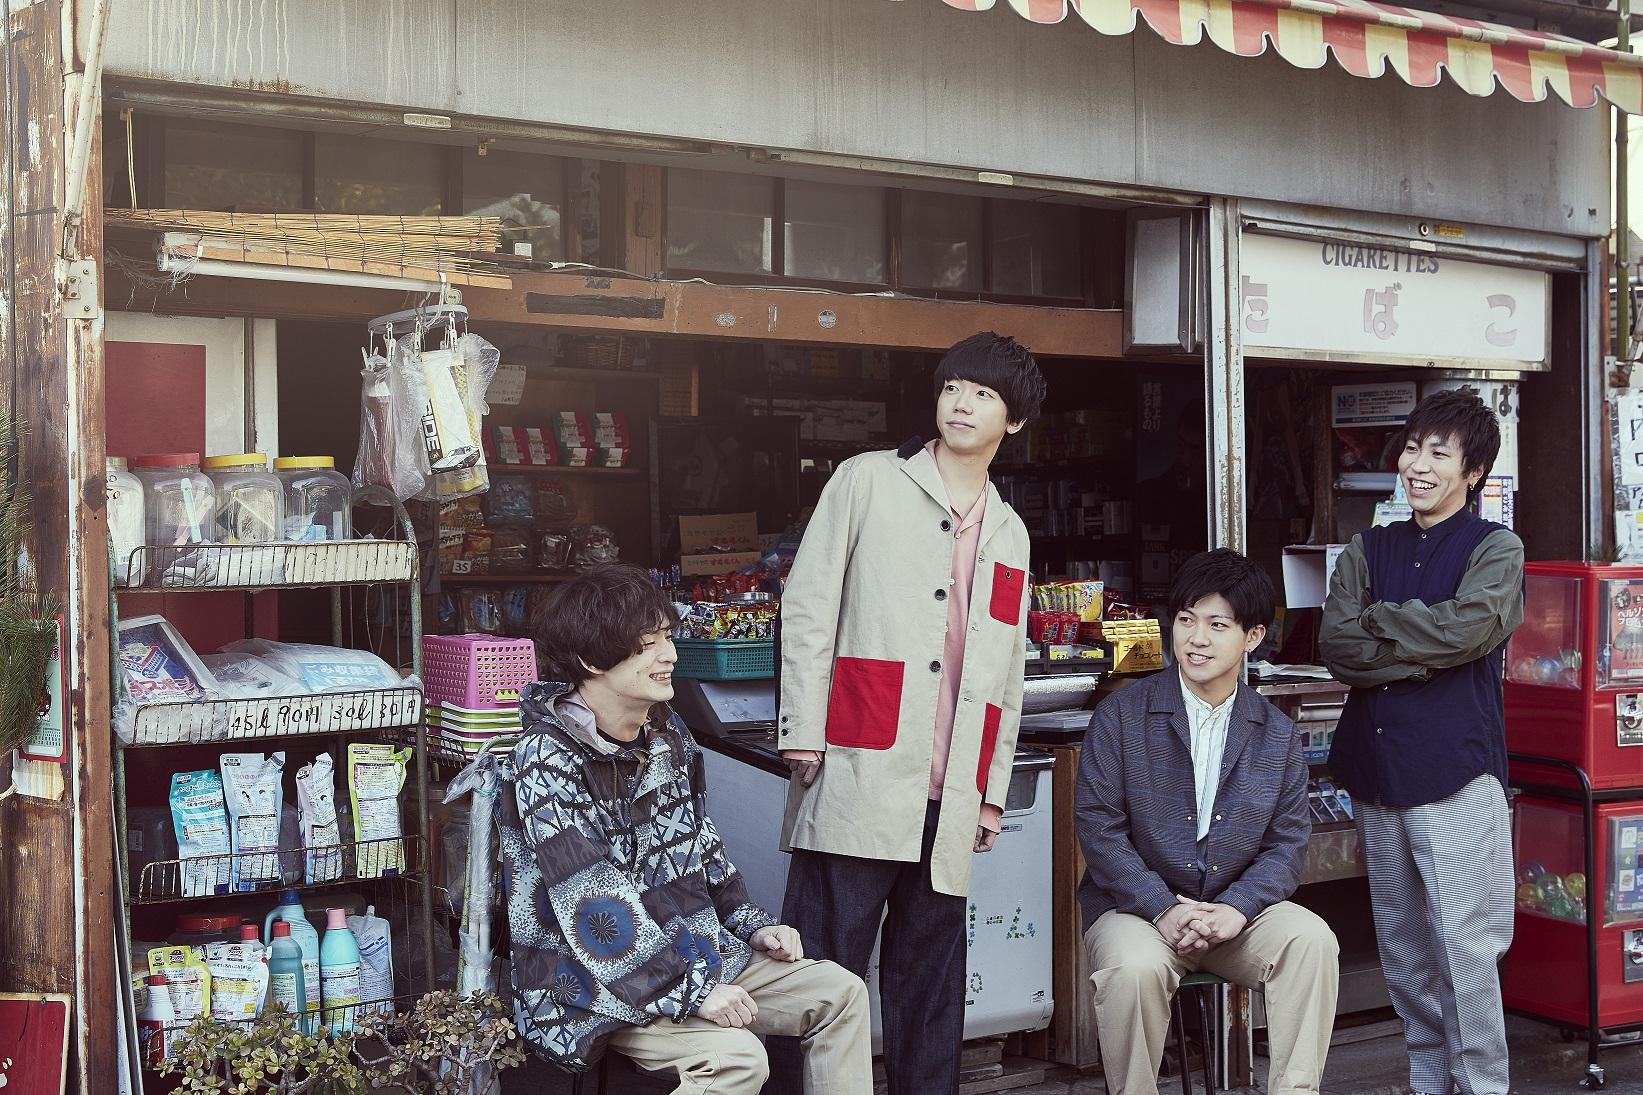 片岡健太(sumika)、オカモトコウキ(OKAMOTO'S)、秦 基博、Sano ibuki が日替わりで『SONAR MUSIC』に生出演!